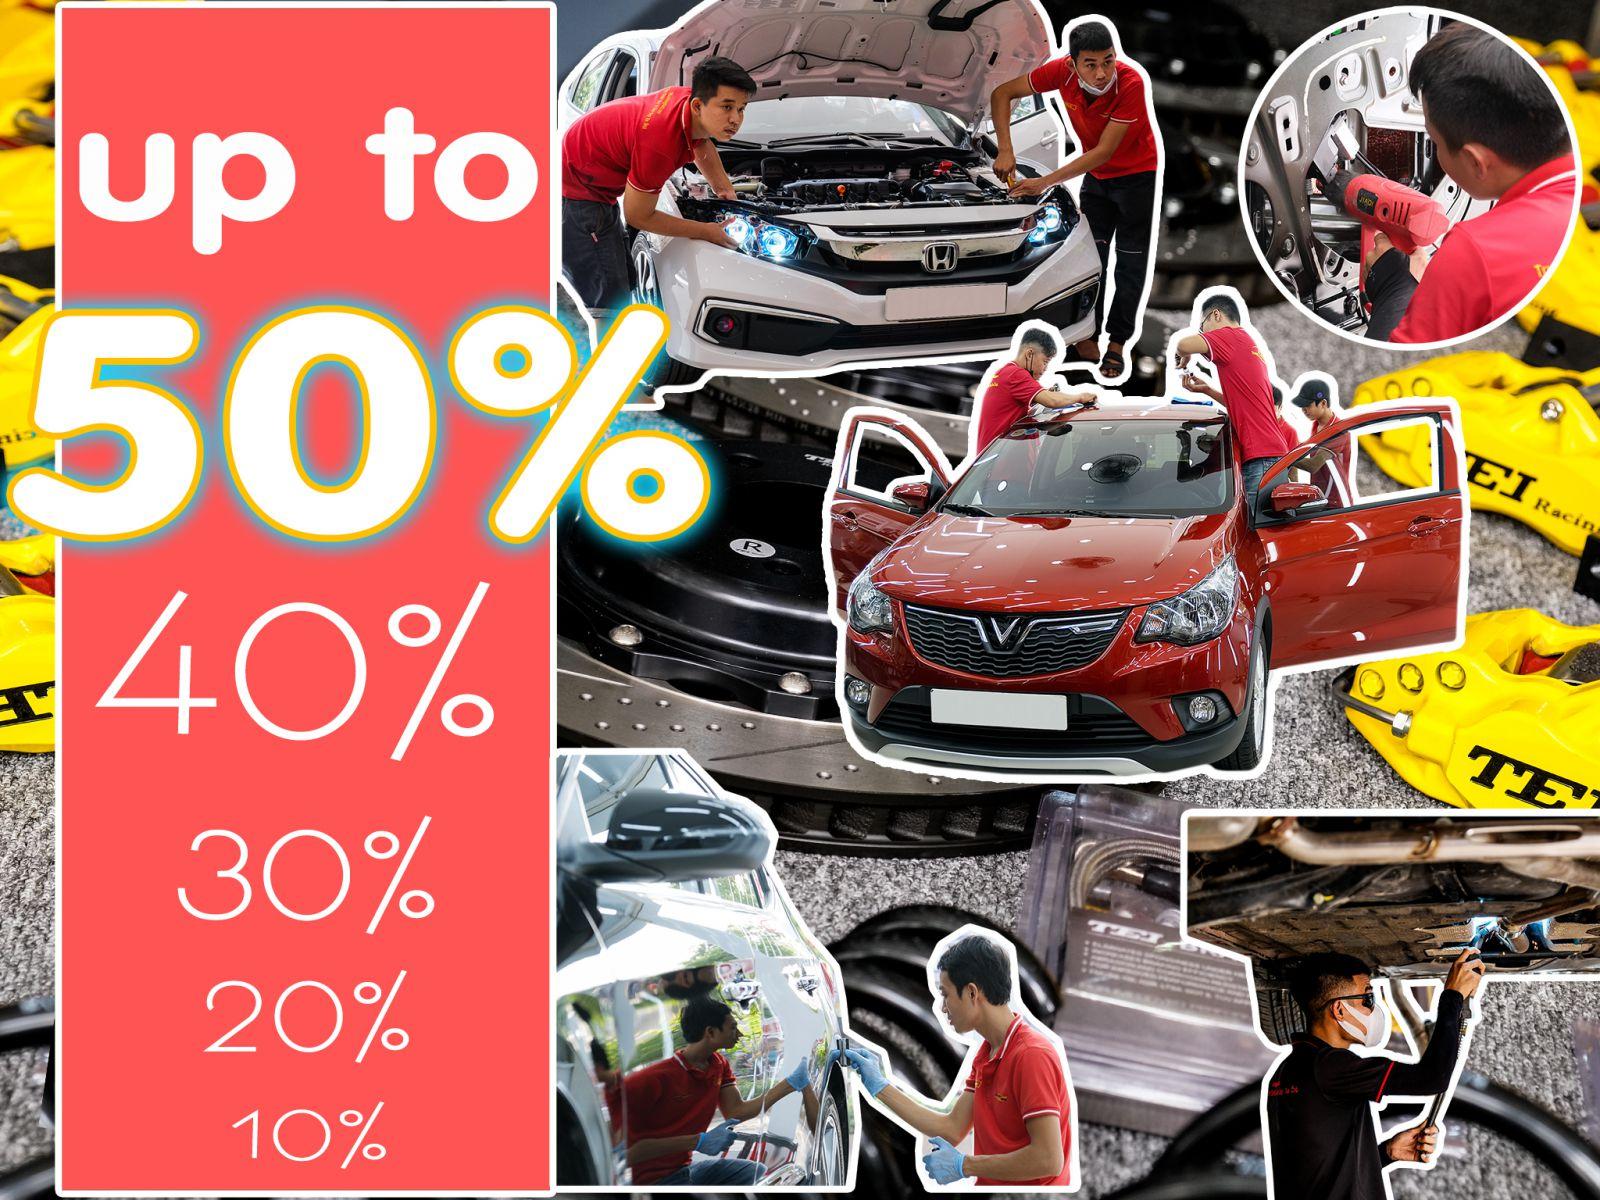 Chương TRình khuyến mãi lên đến 50% tại Mười Hùng Auto